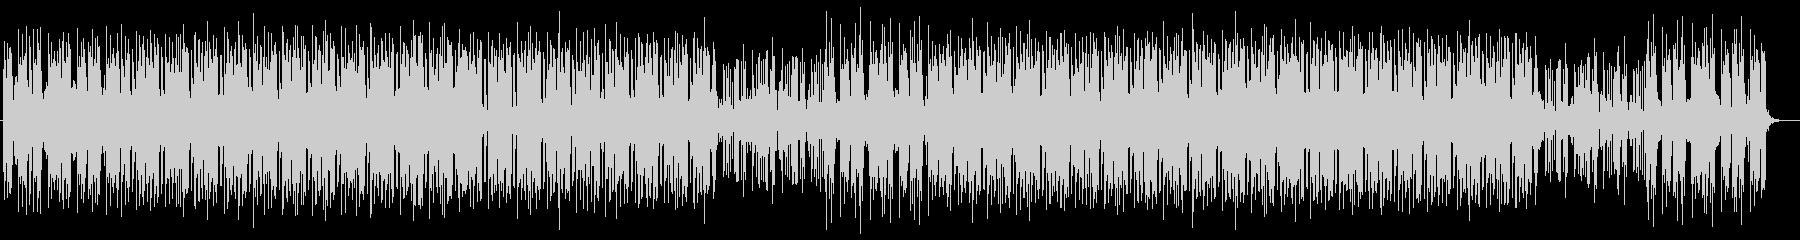 格好良いシンセサイザーサウンドの未再生の波形